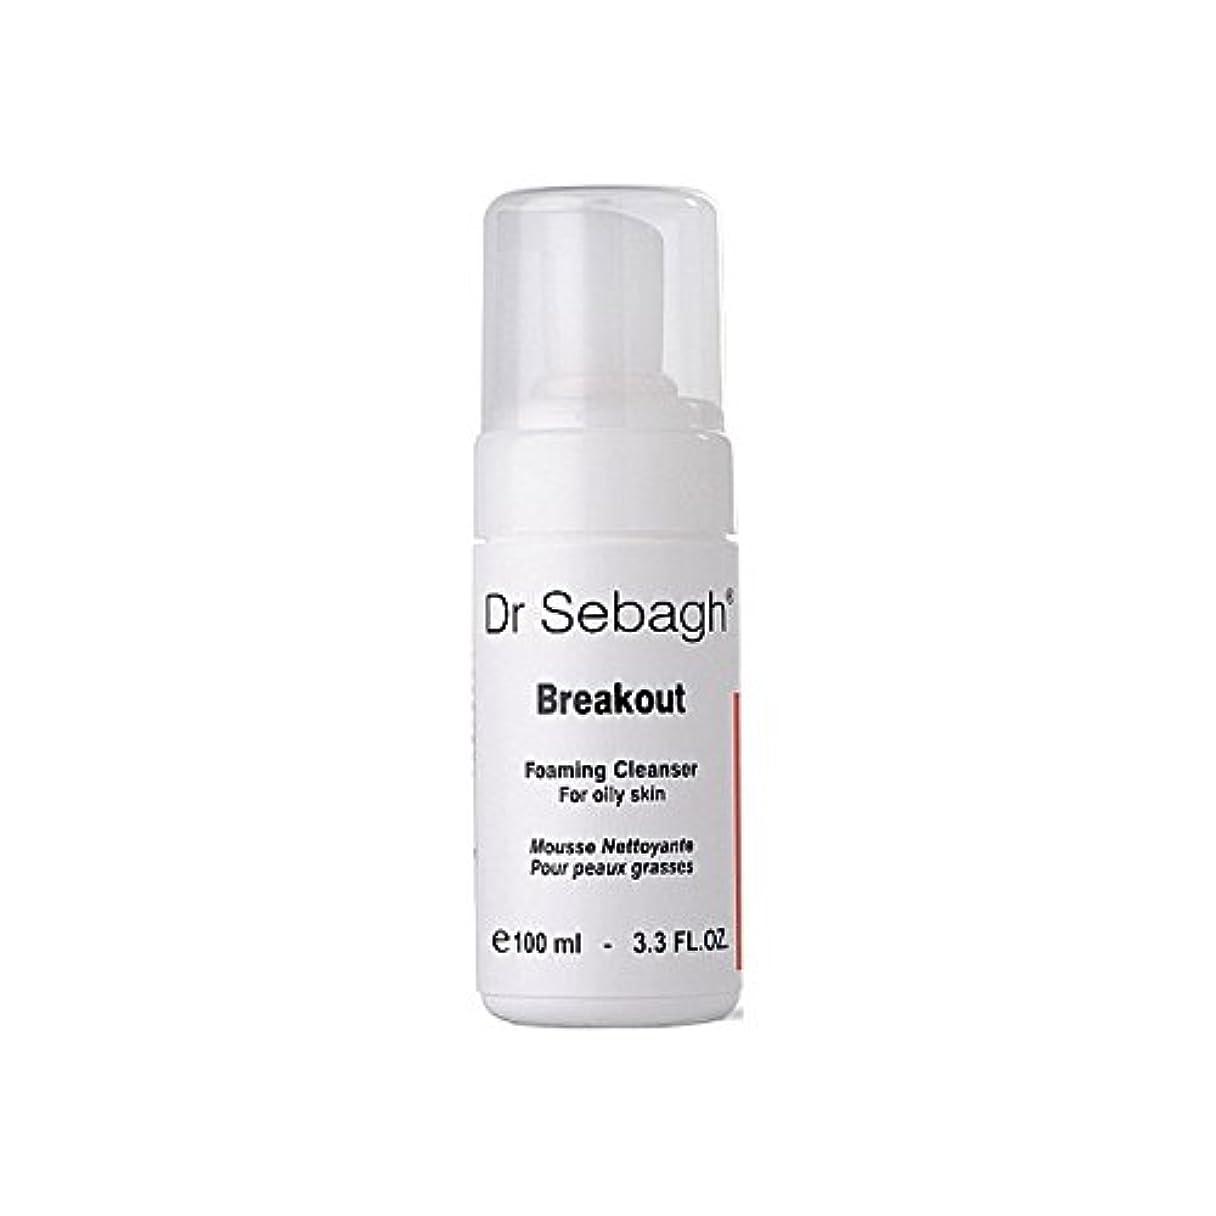 イブニング冷淡な医薬クレンザーを発泡の のブレイクアウト x4 - Dr Sebagh Breakout Foaming Cleanser (Pack of 4) [並行輸入品]